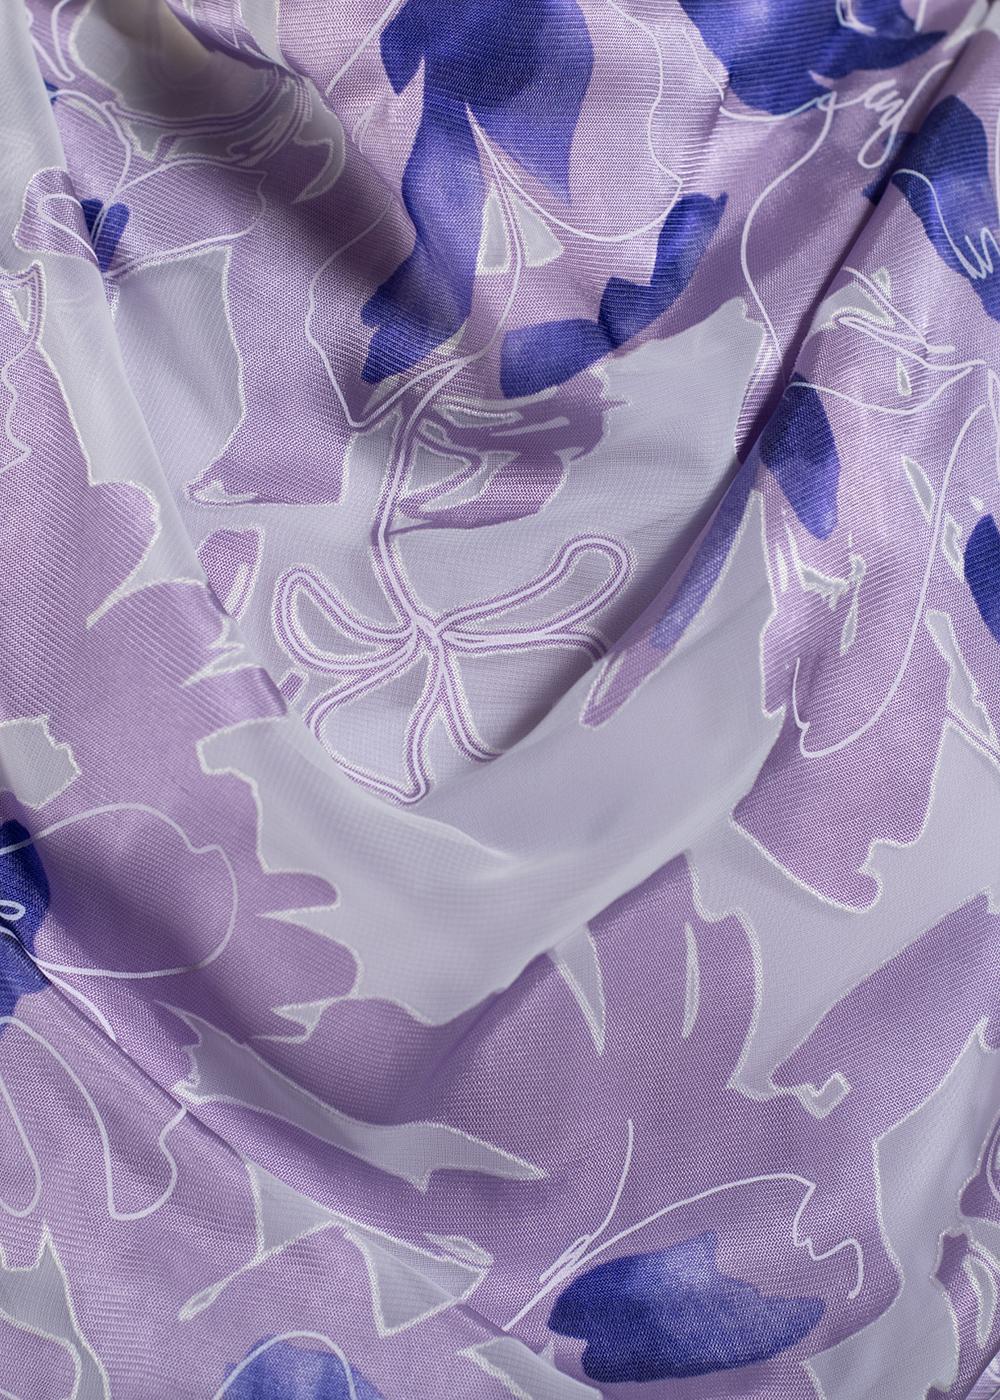 かりゆしウェア(沖縄版アロハシャツ) MAJUN - ベーシックバイオレット(ワンピース)